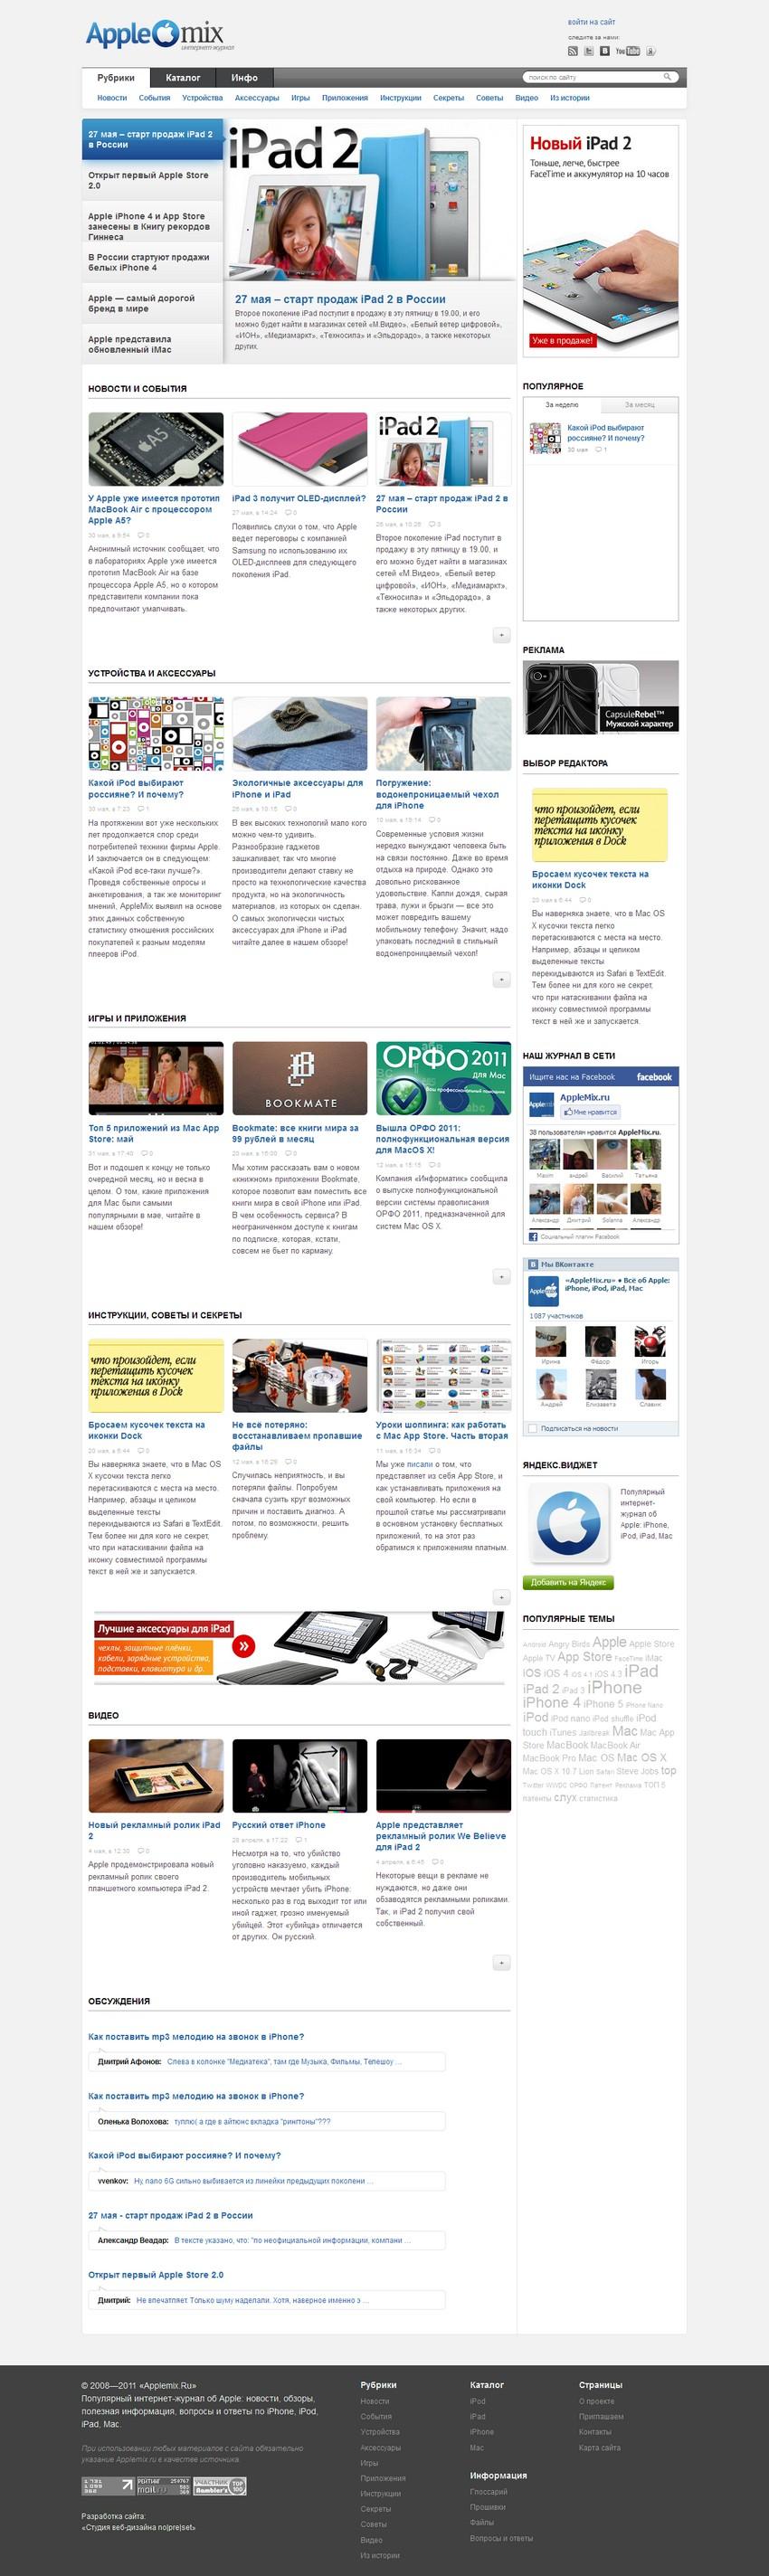 AppleMix.ru — популярный интернет-журнал об Apple. Новости Apple, обзоры, советы, устройства и аксессуары в одном месте